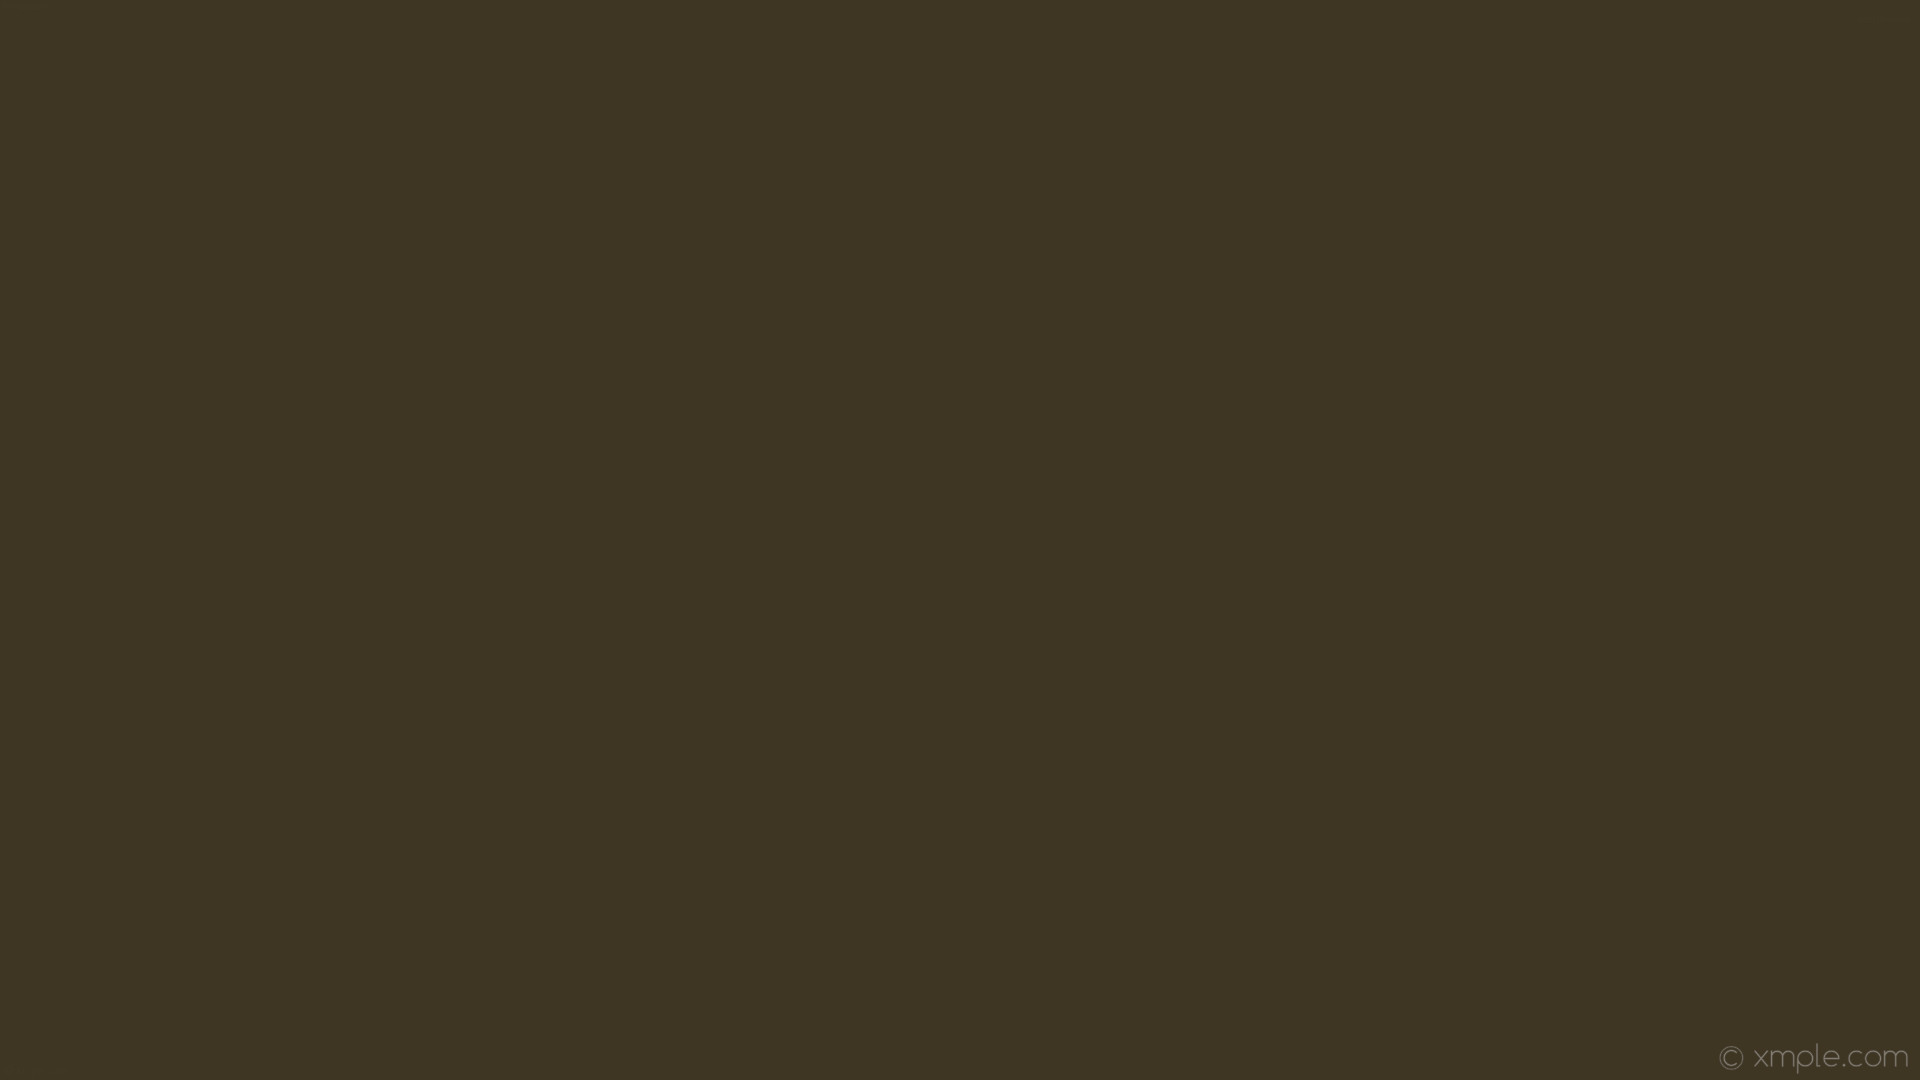 wallpaper solid color orange one colour plain single dark orange #3f3523